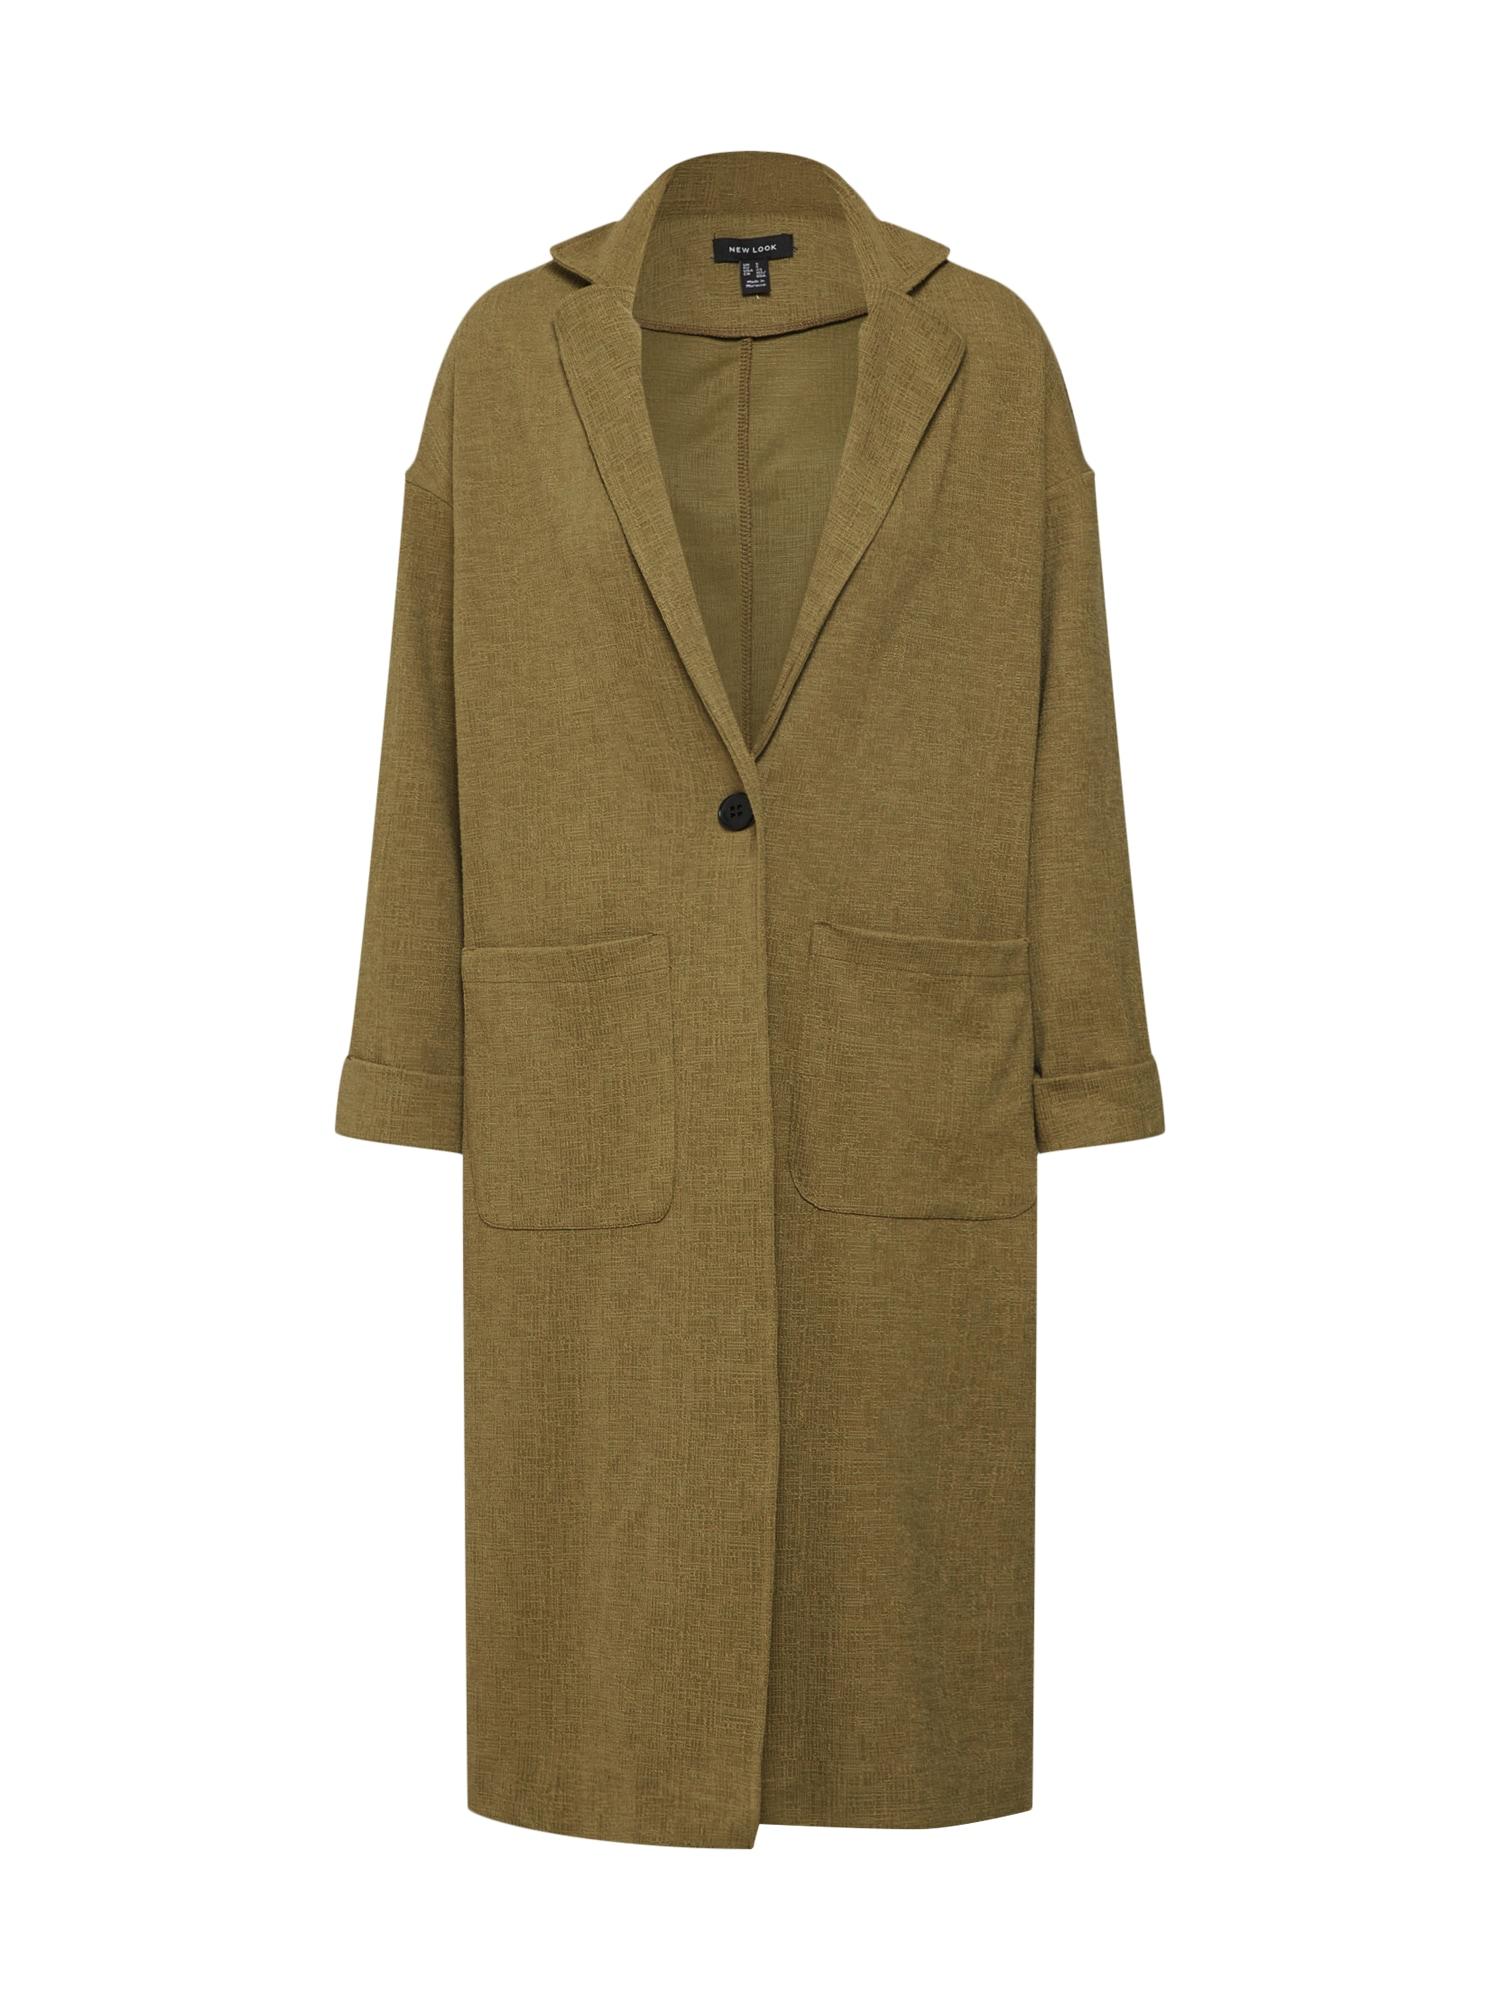 Přechodný kabát 27.04 WW TEXTURED DUSTER P84 khaki NEW LOOK